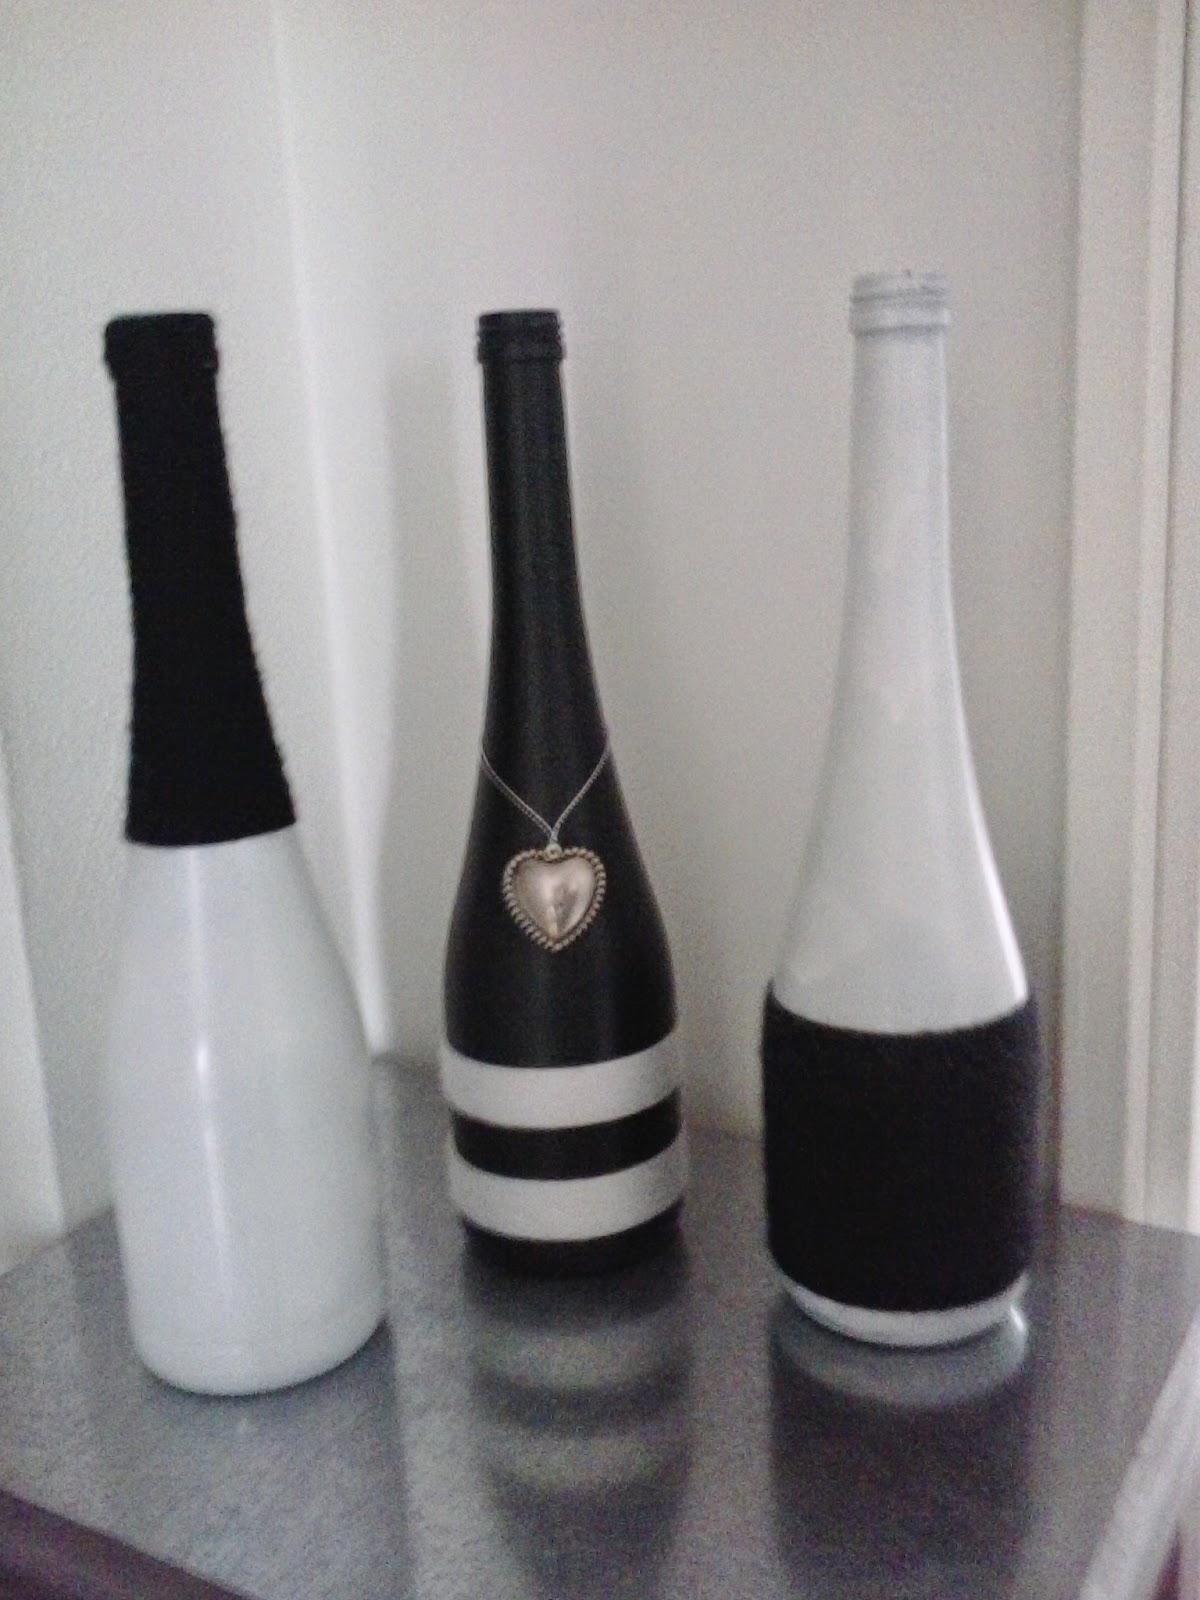 crafts yourself decorative bottles art decor glass artxplorez do designs it bottle